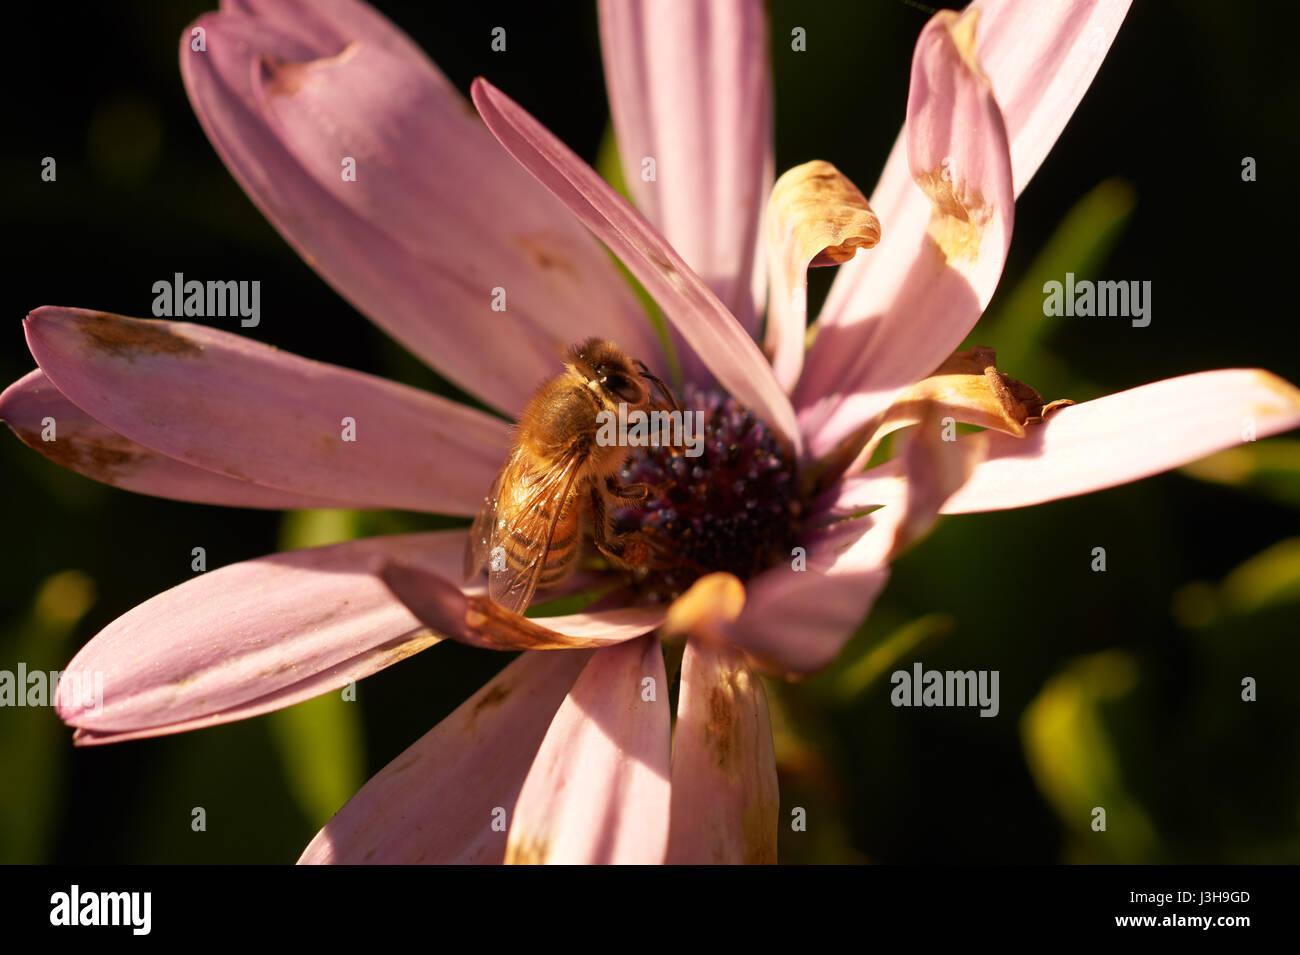 macro image of bee on flower - Stock Image